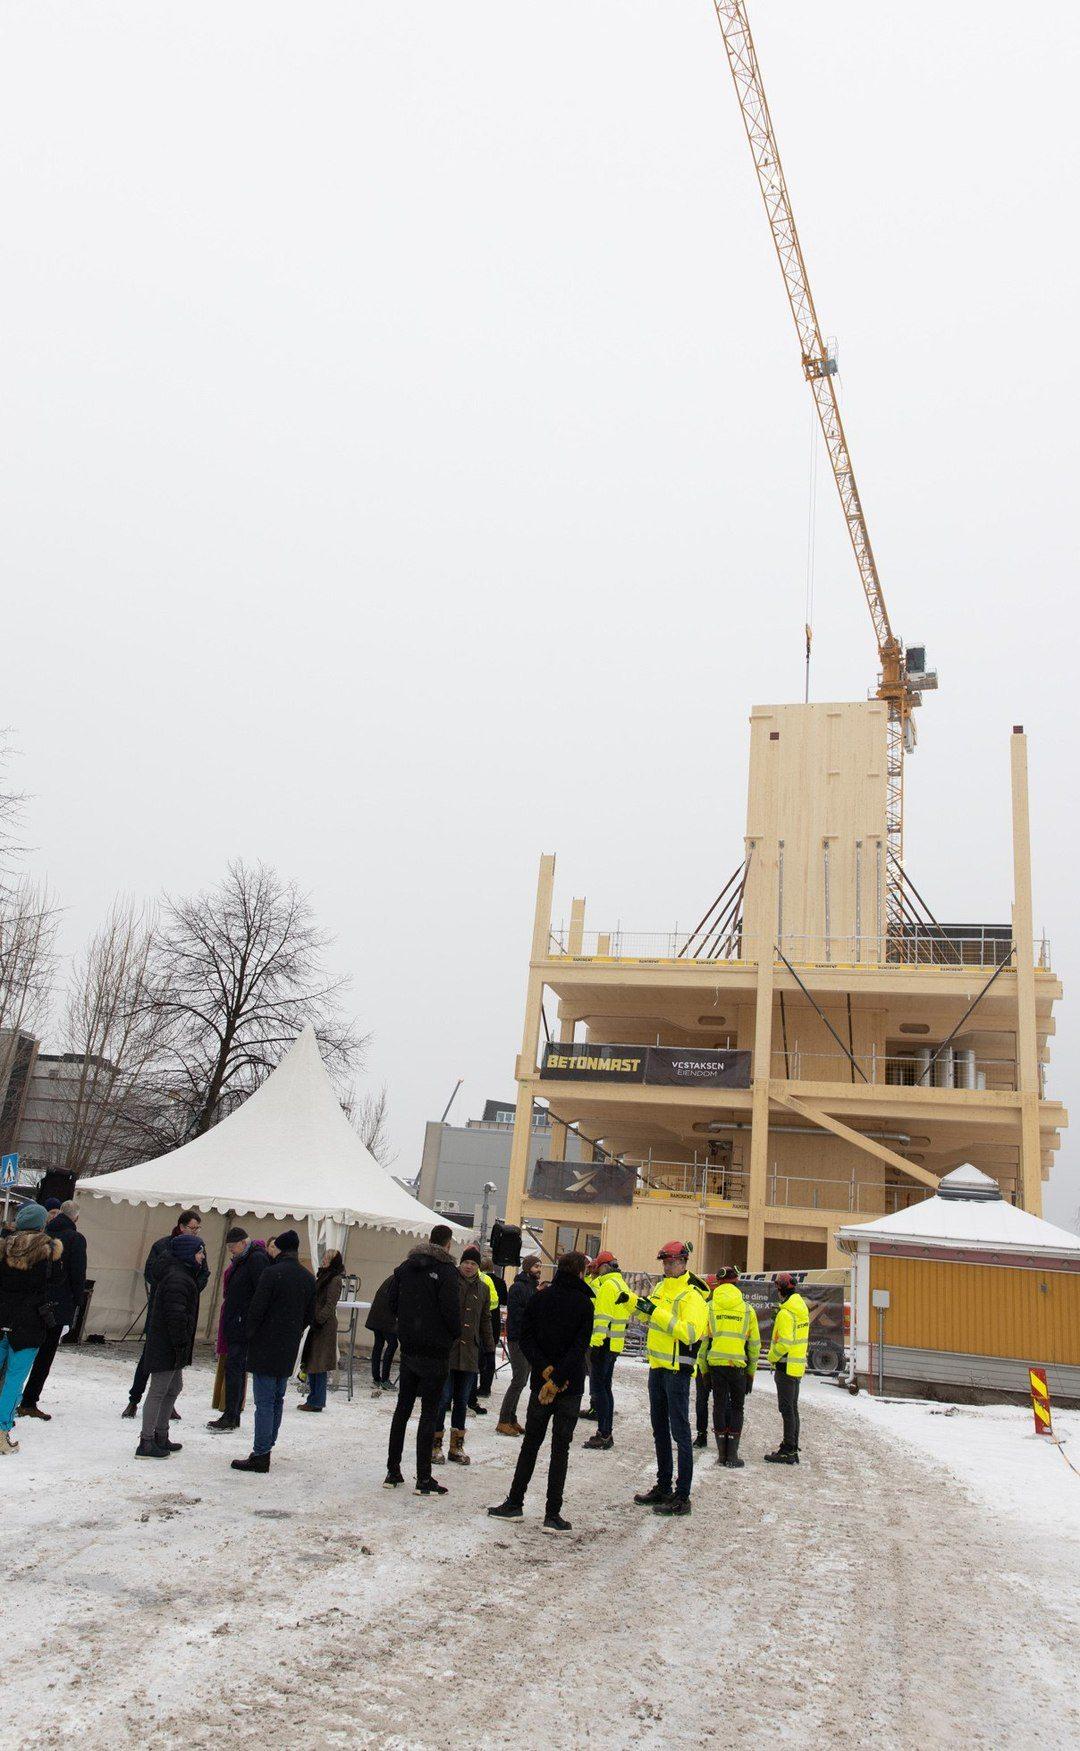 Grunnplankenedleggelse på SporX 16. februar med utsikt mot massivtre-bygget.